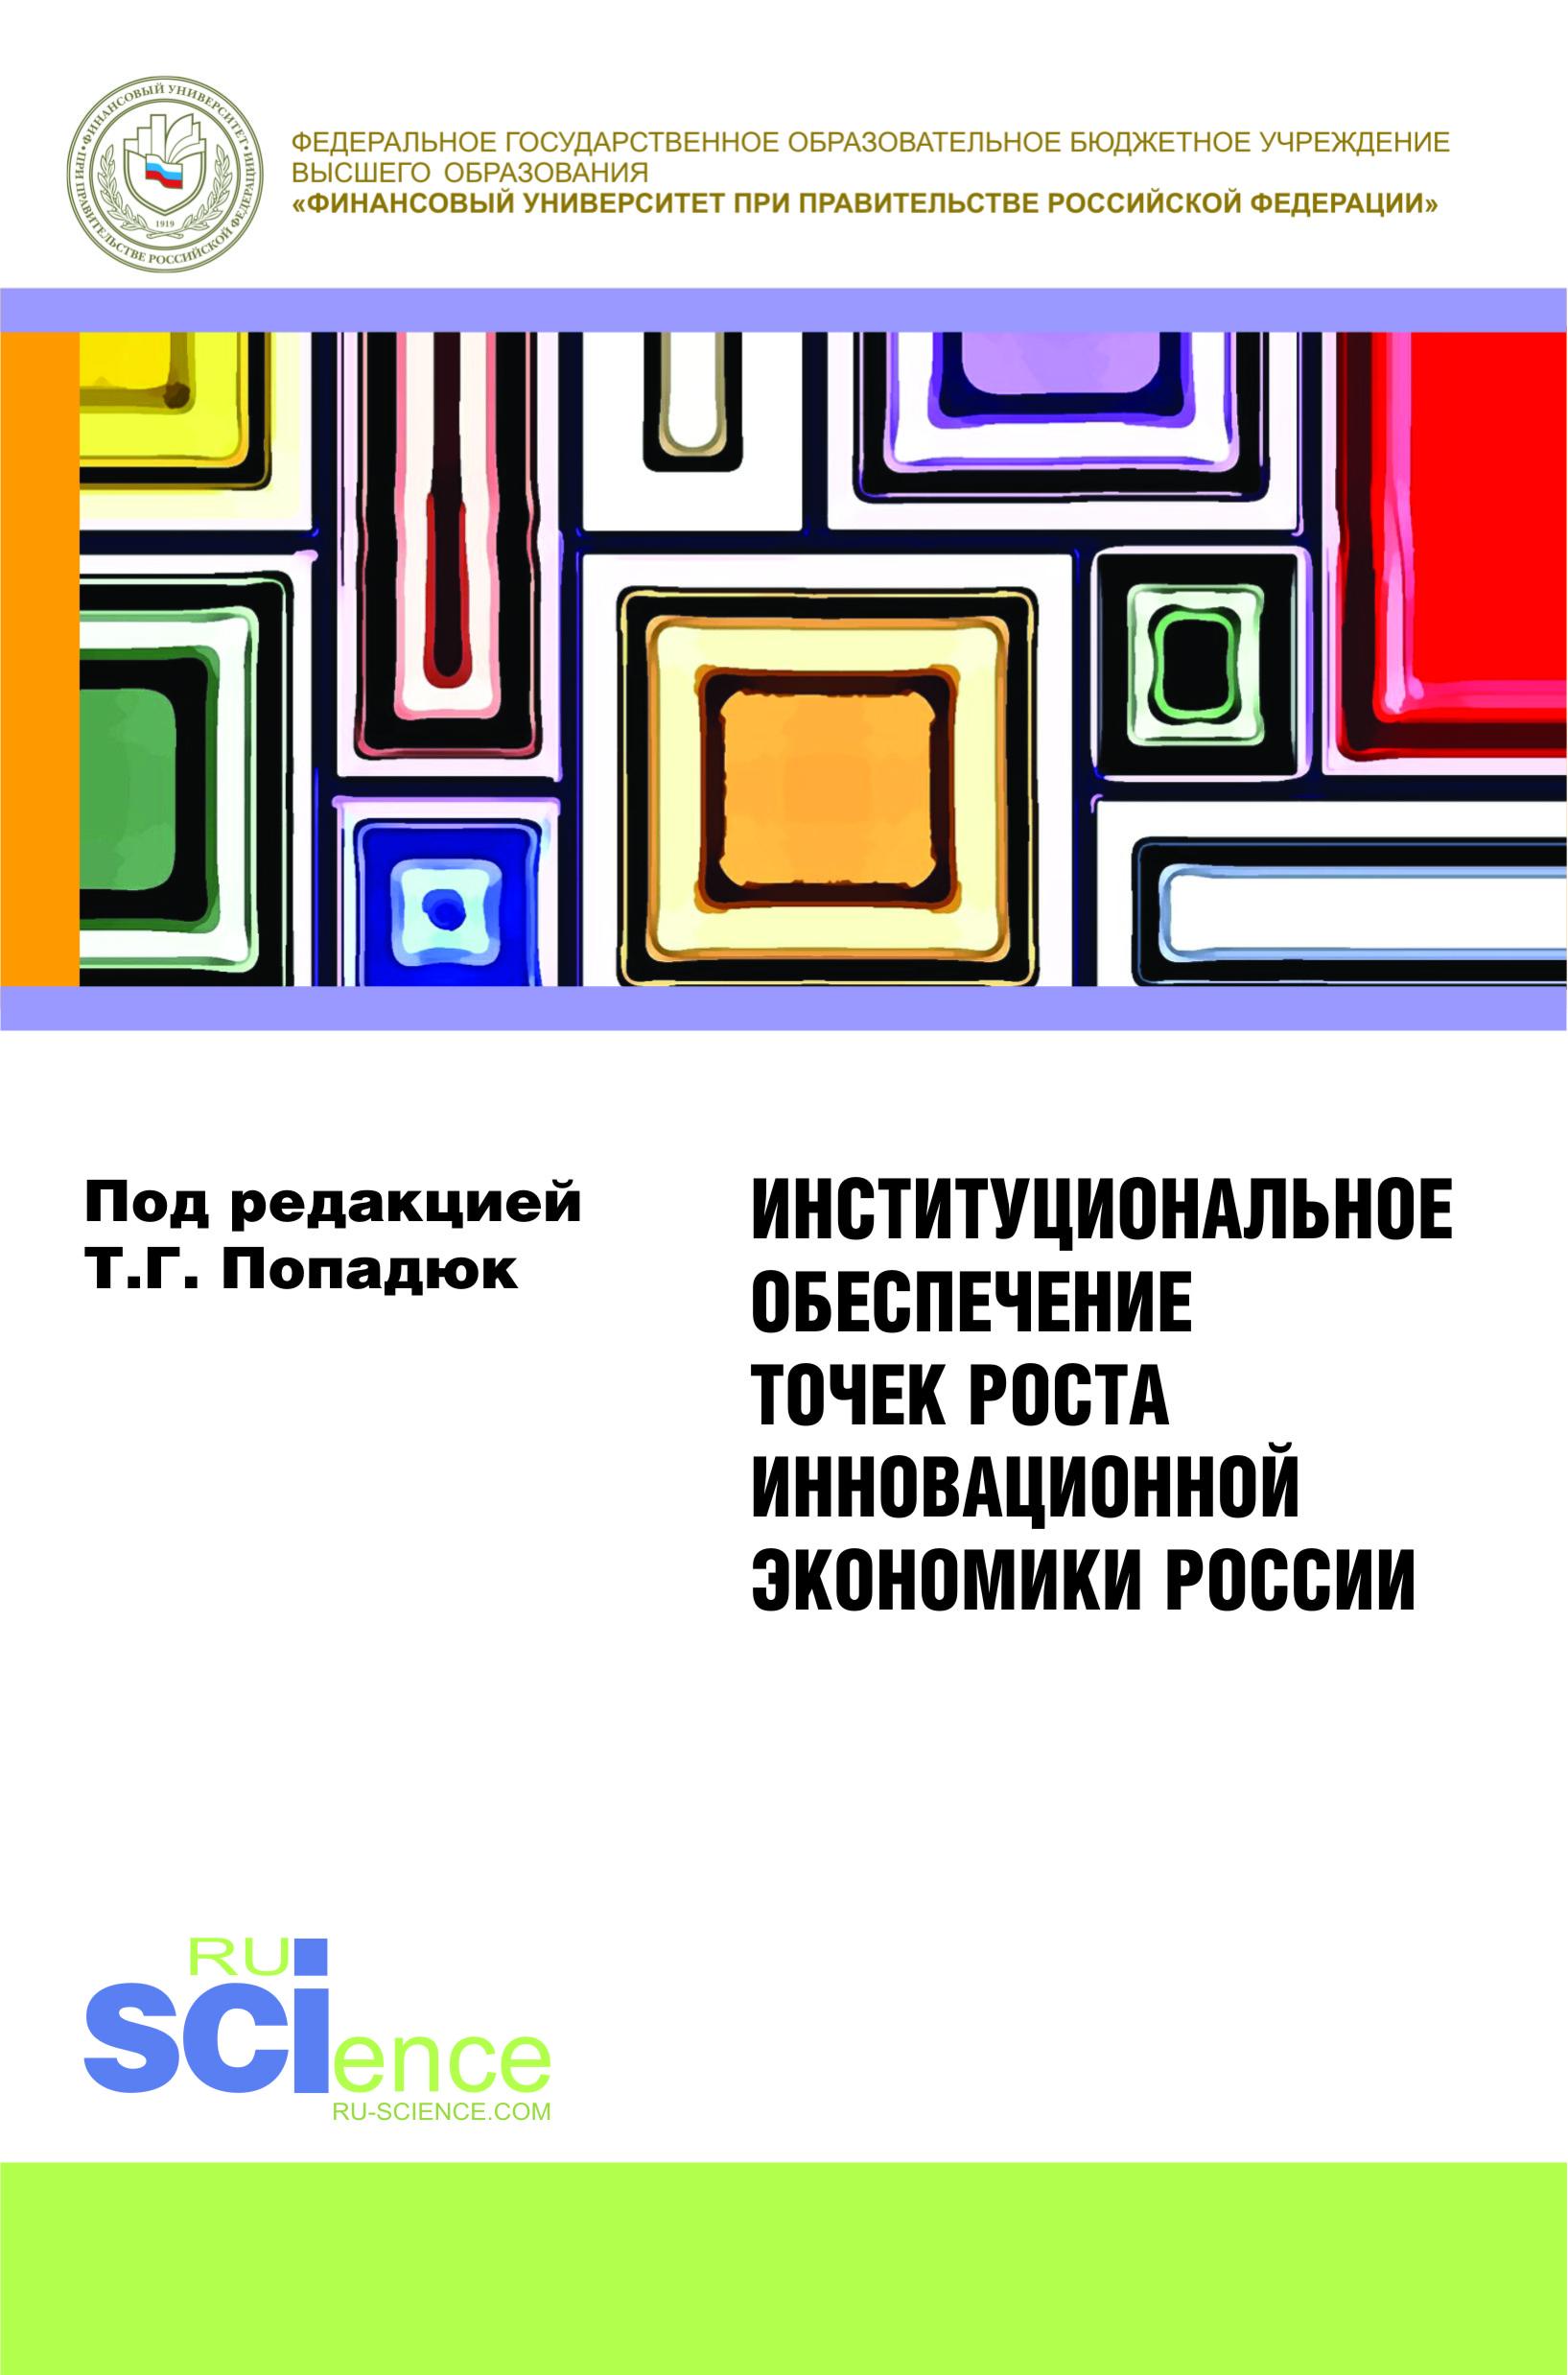 Институциональное обеспечение точек роста инновационной экономики России. Монография